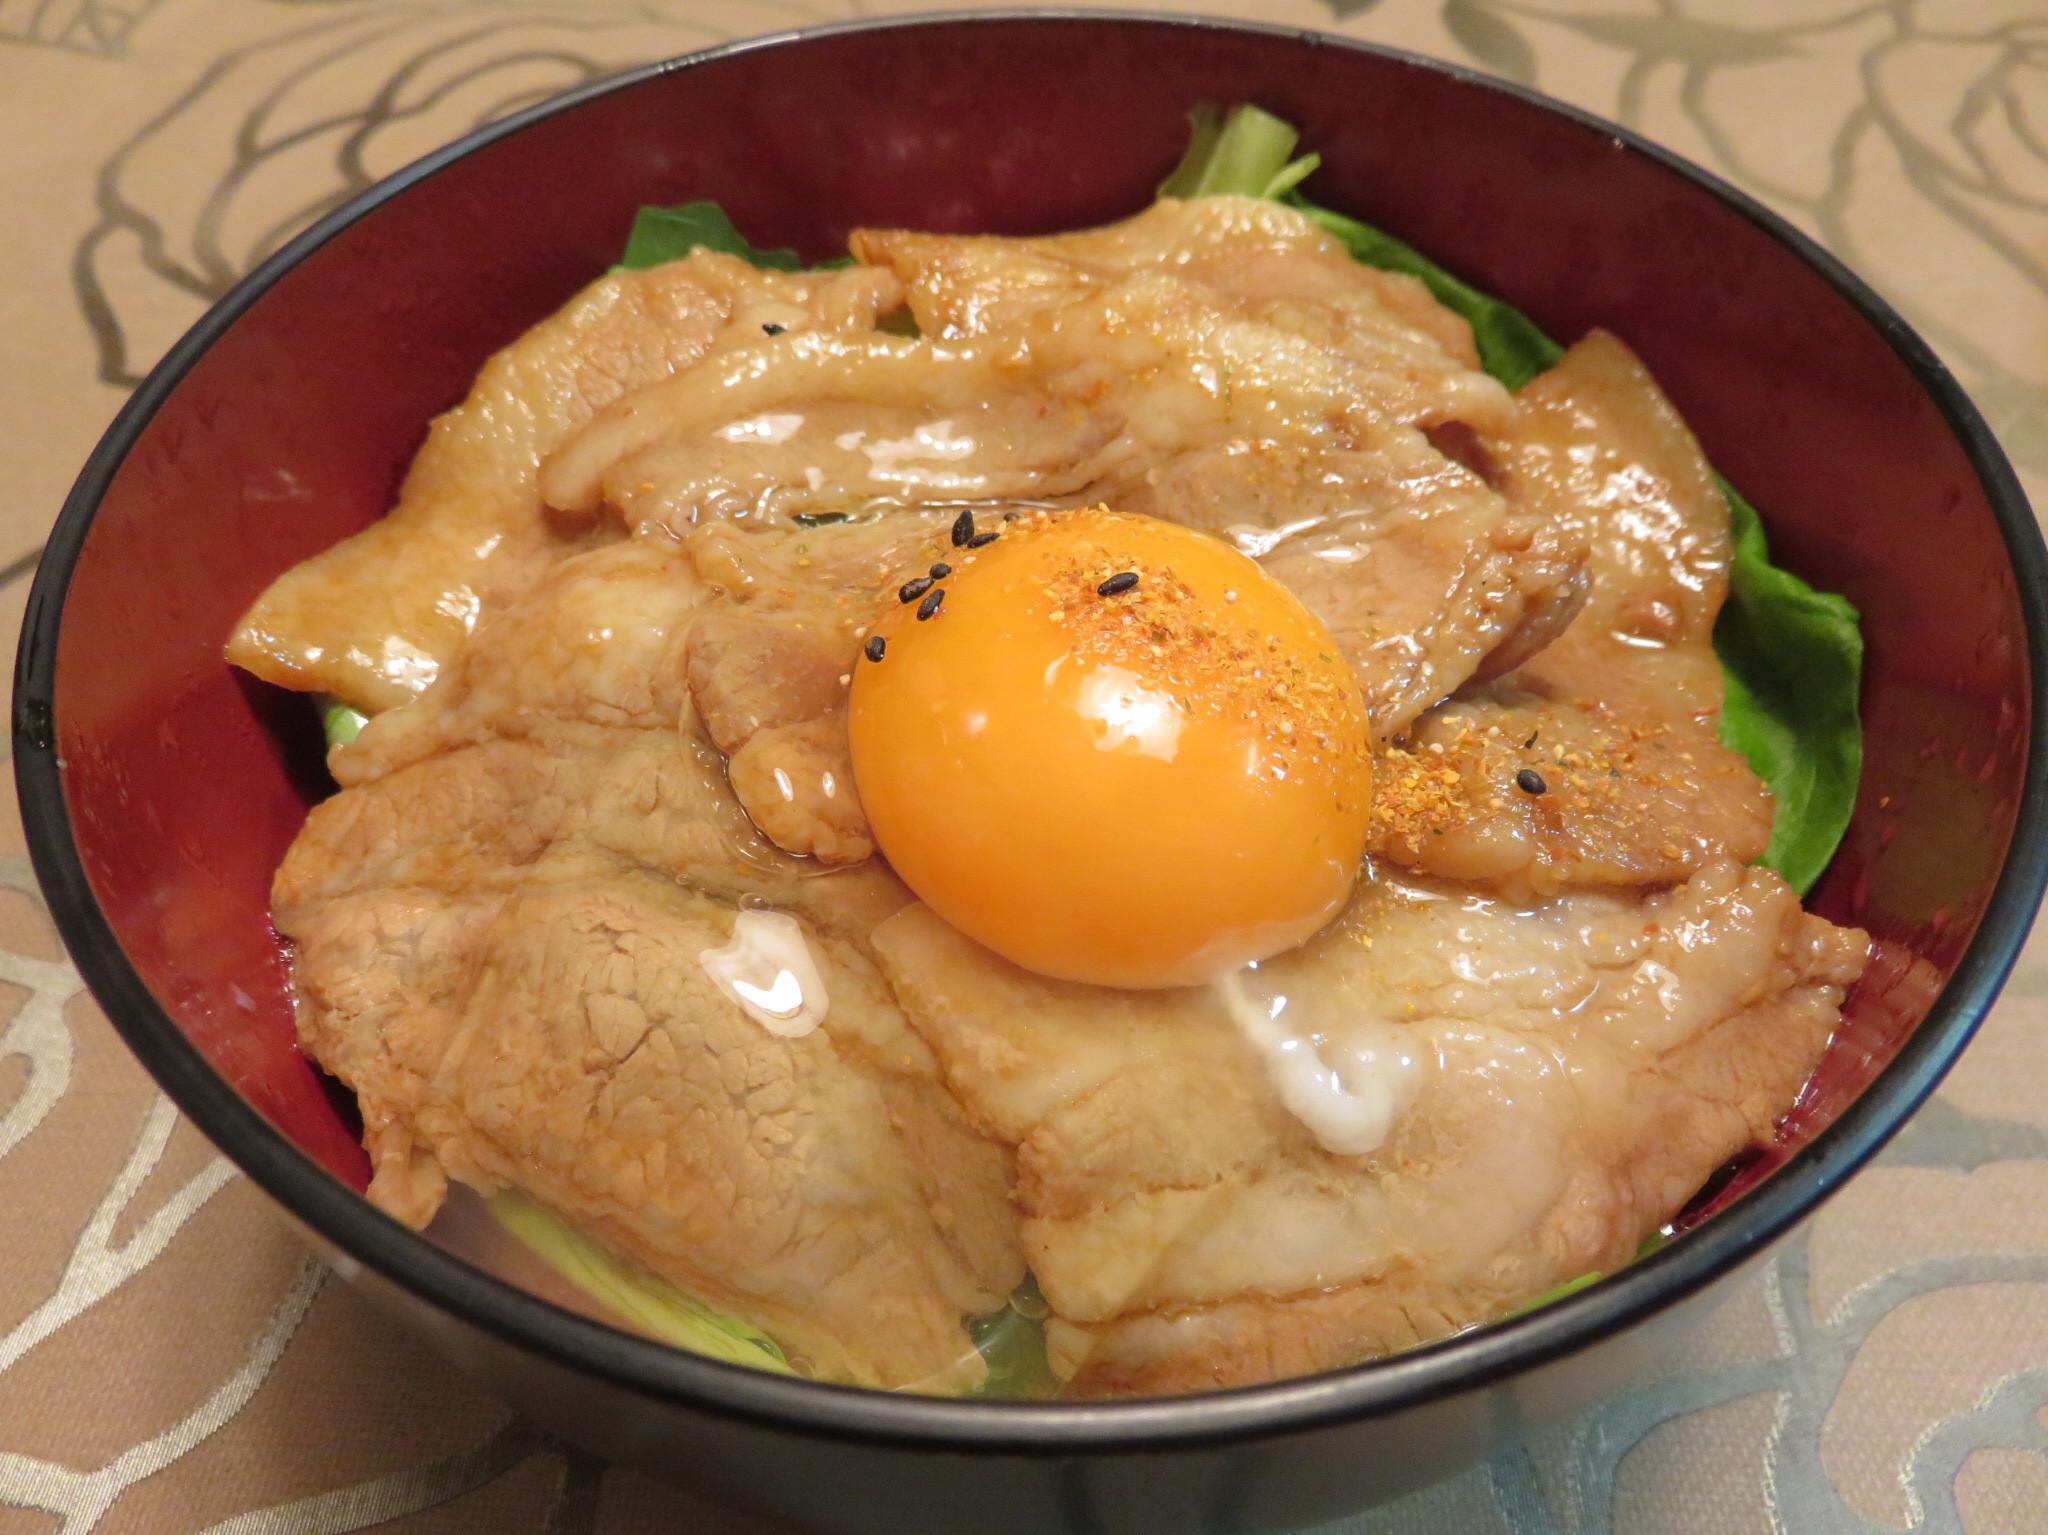 日式豬肉丼(豚丼)